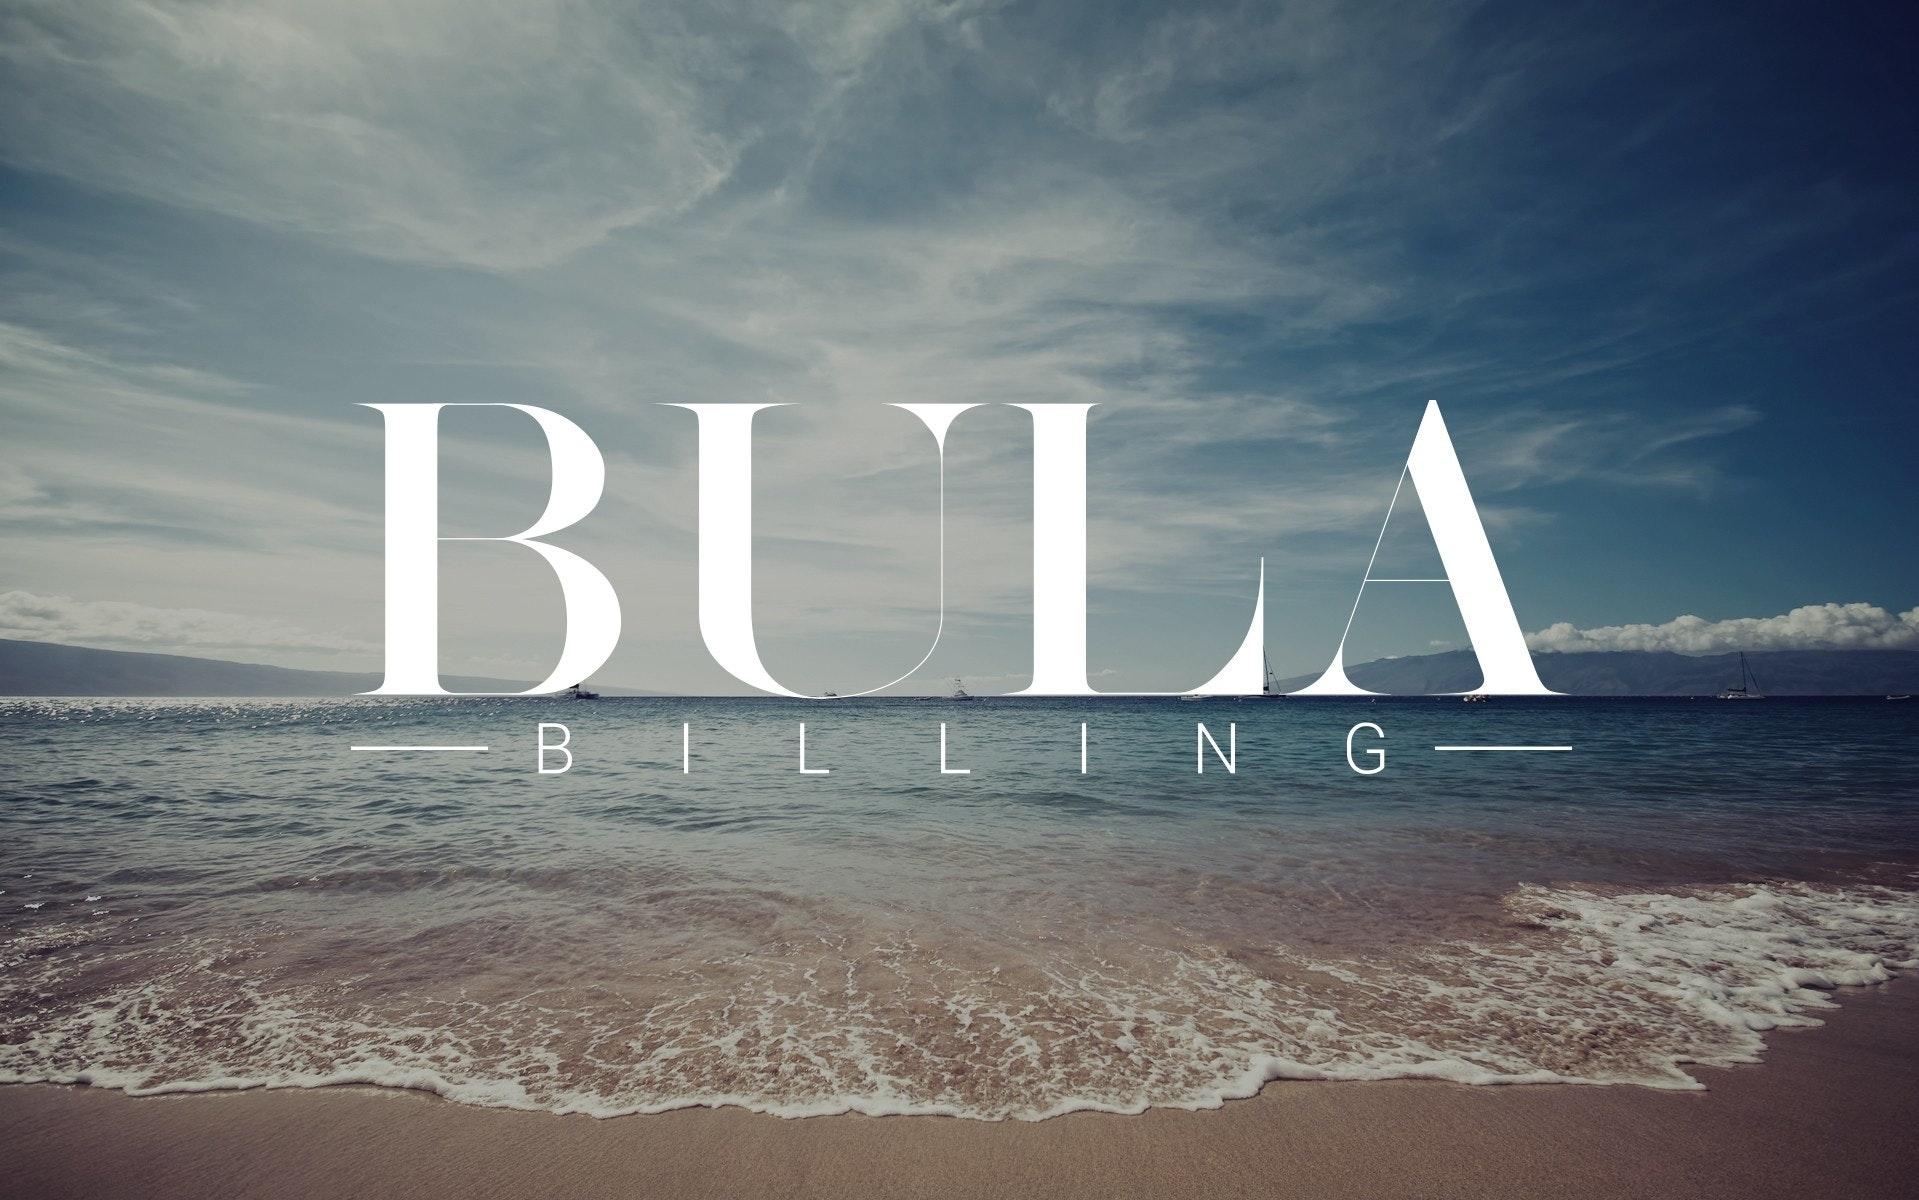 Bula Billing logo